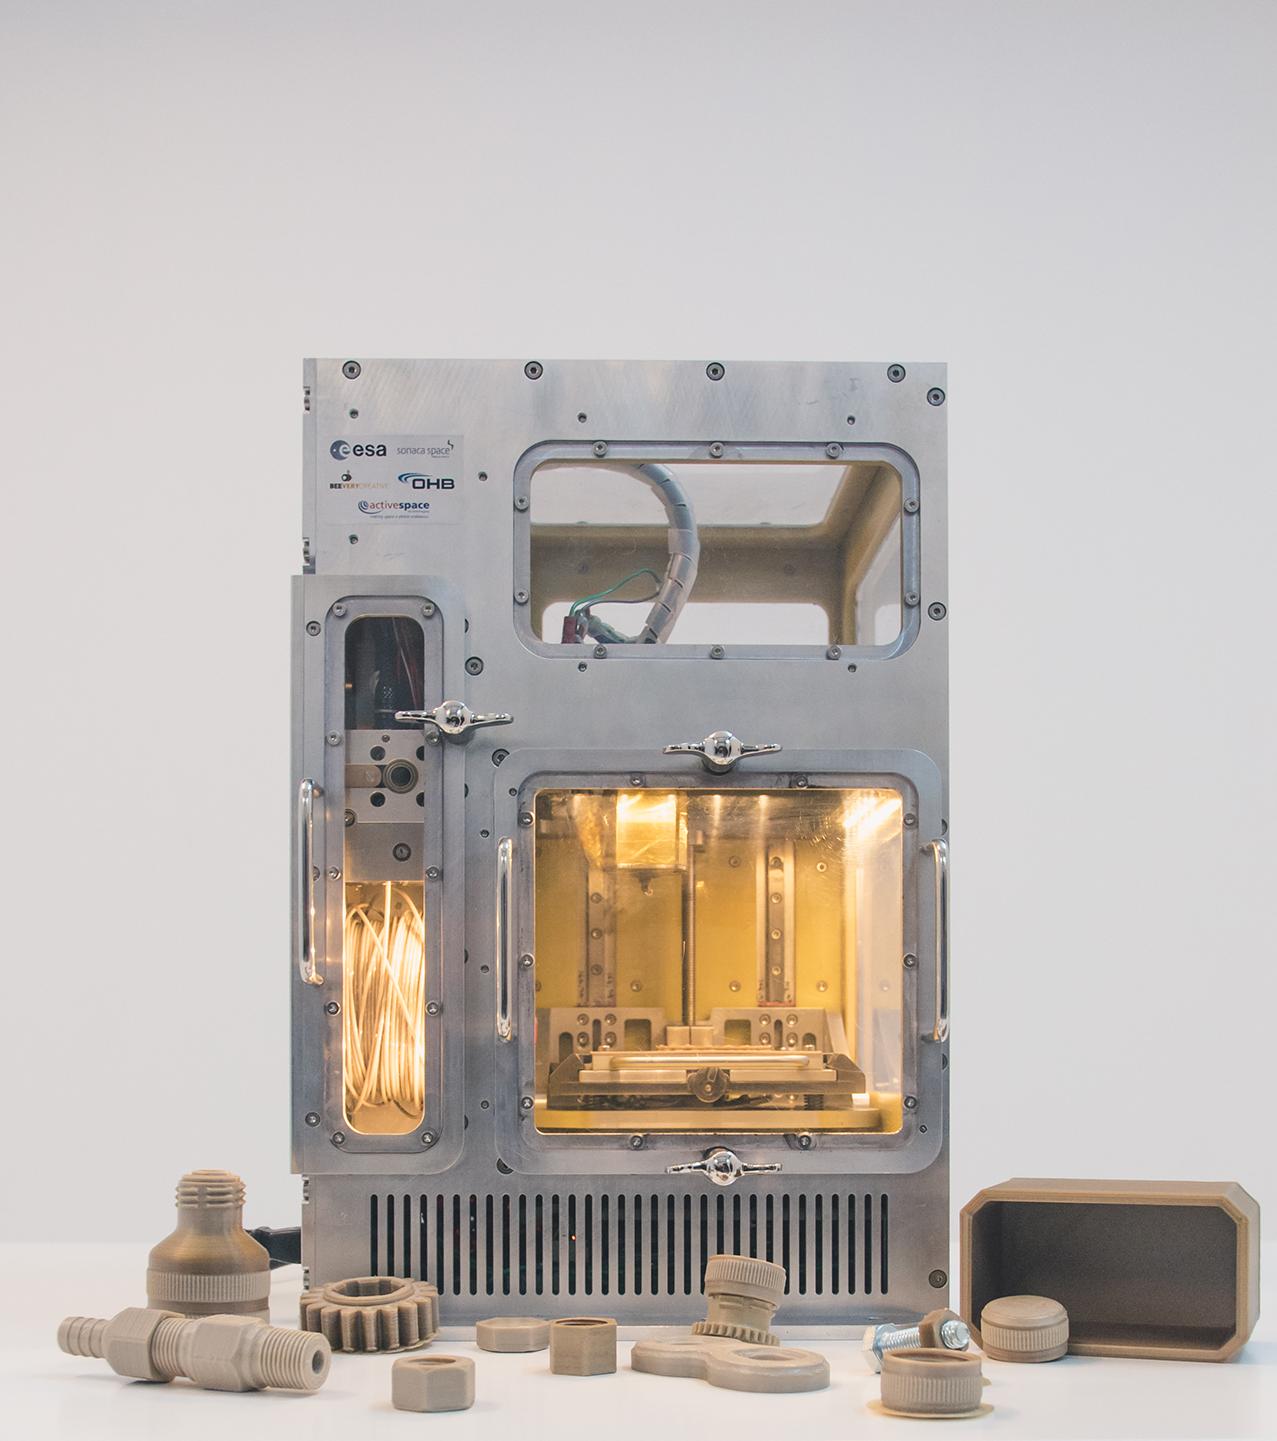 3d drucker esa melt beeverycreative1 - ESA erhält 3D-Drucker für ISS Raumstation